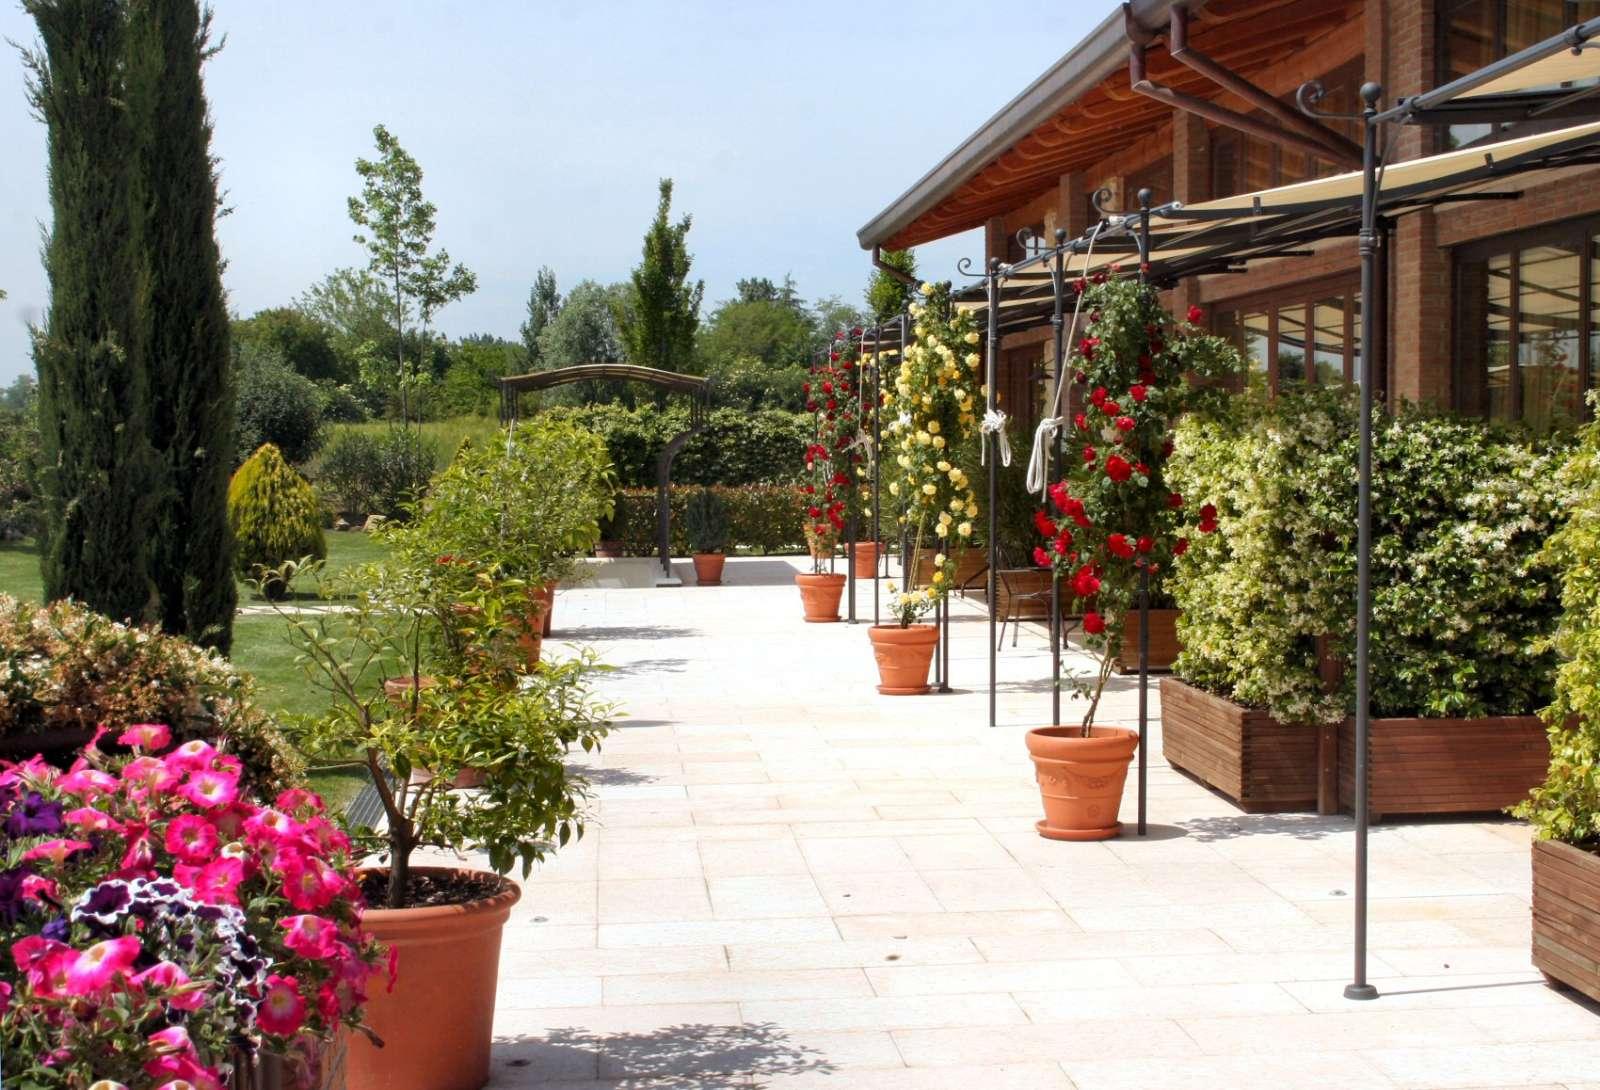 Lejlighedernes private terrasser